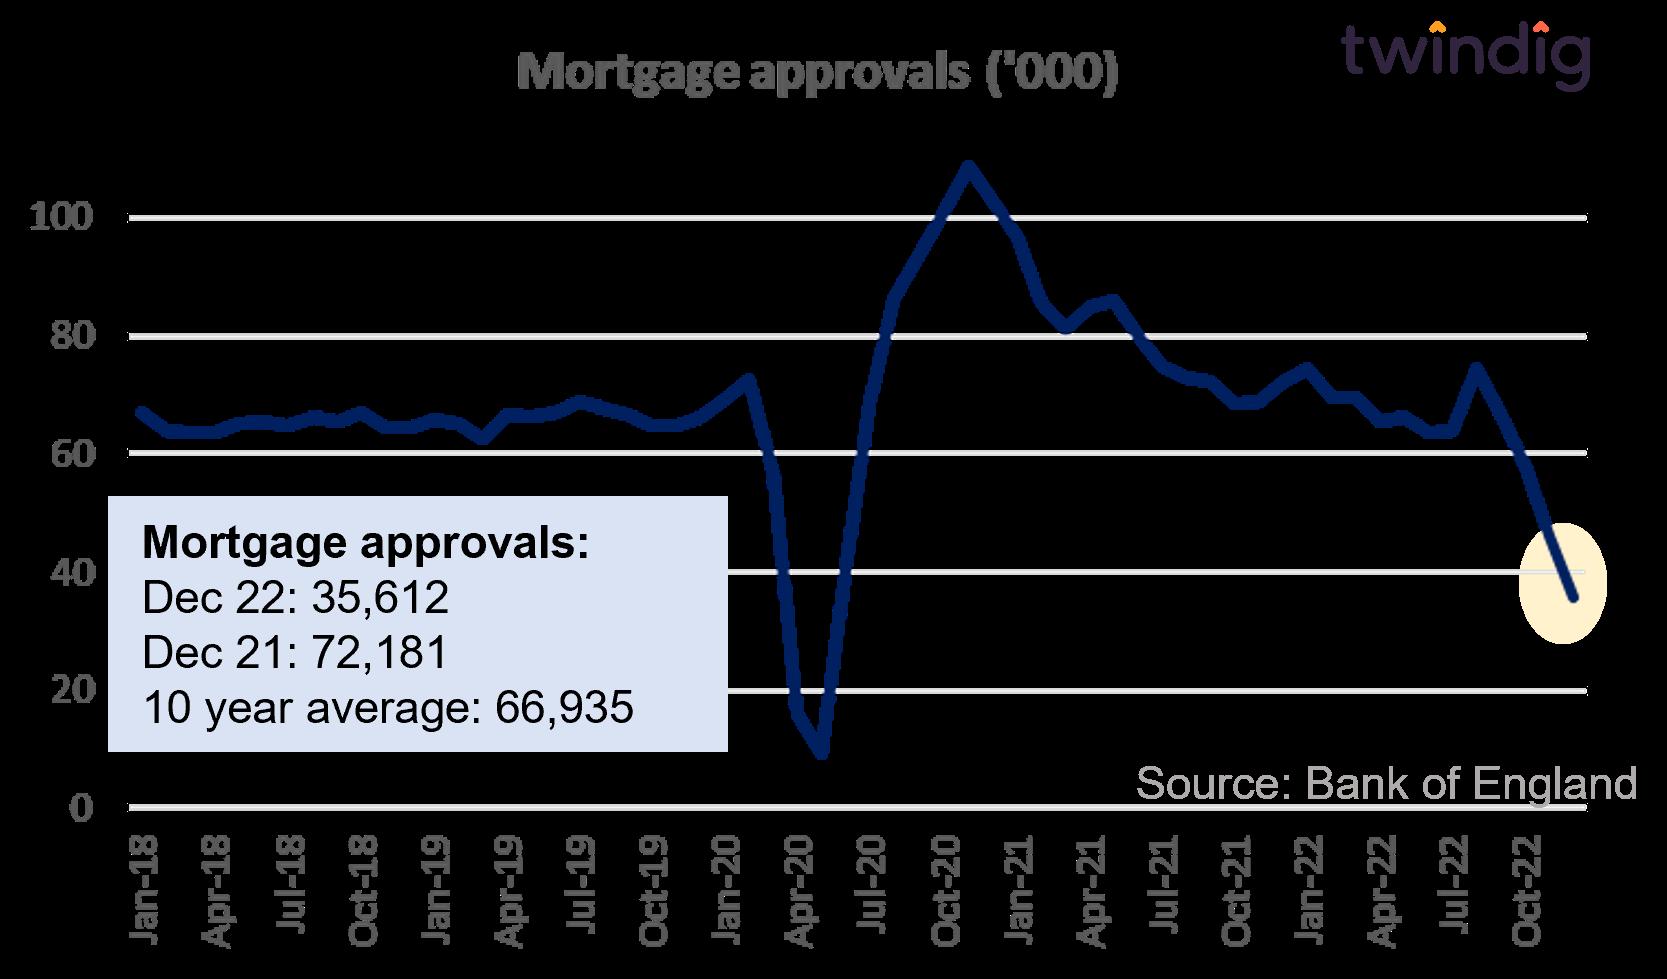 UK mortgage approvals twindig anthony codling